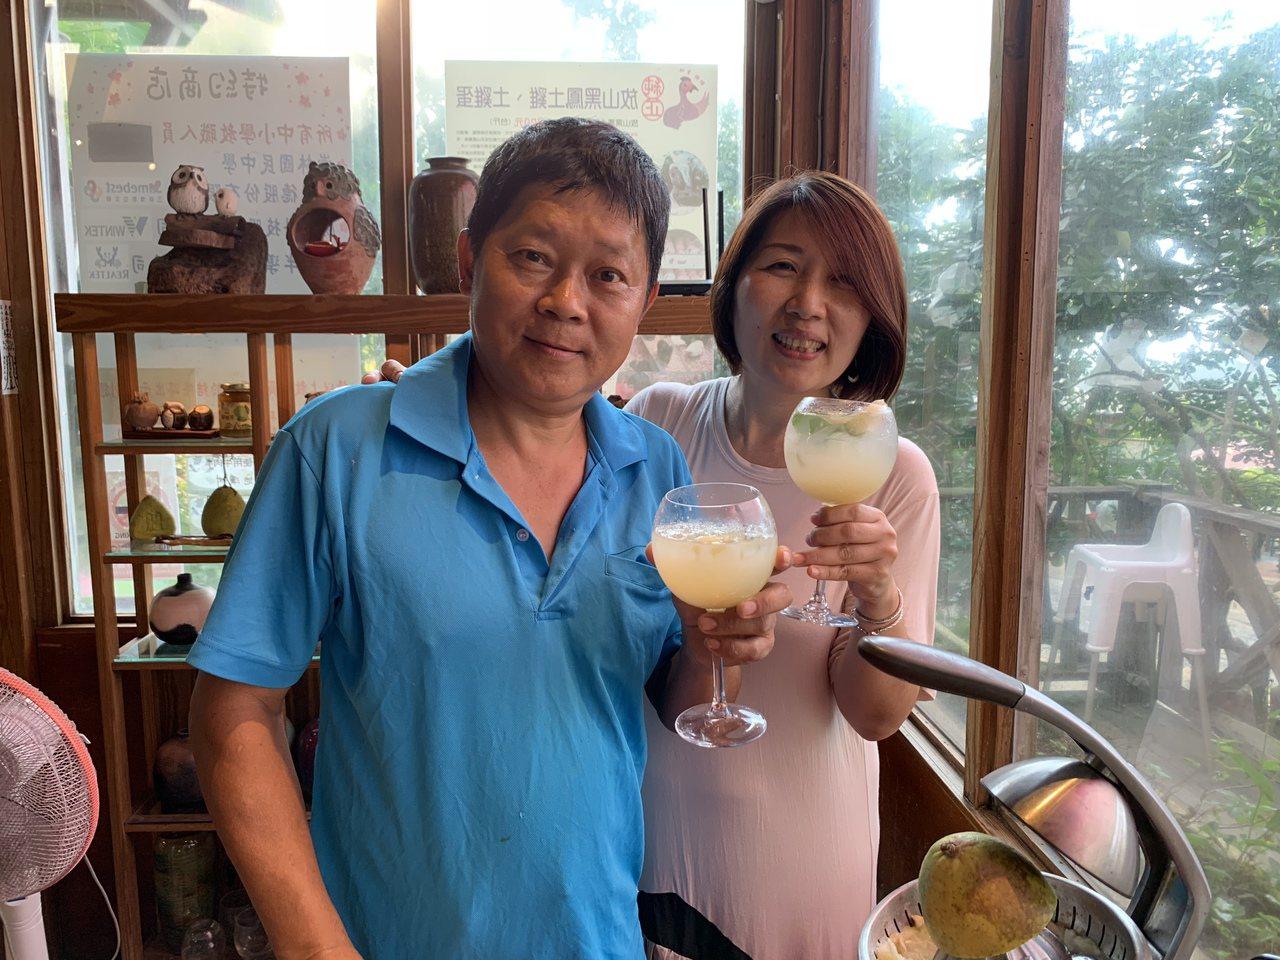 柚農林炳昌與妻子顏姿琳發揮創意,將八里柚做成柚子汁。圖/新北市農業局提供